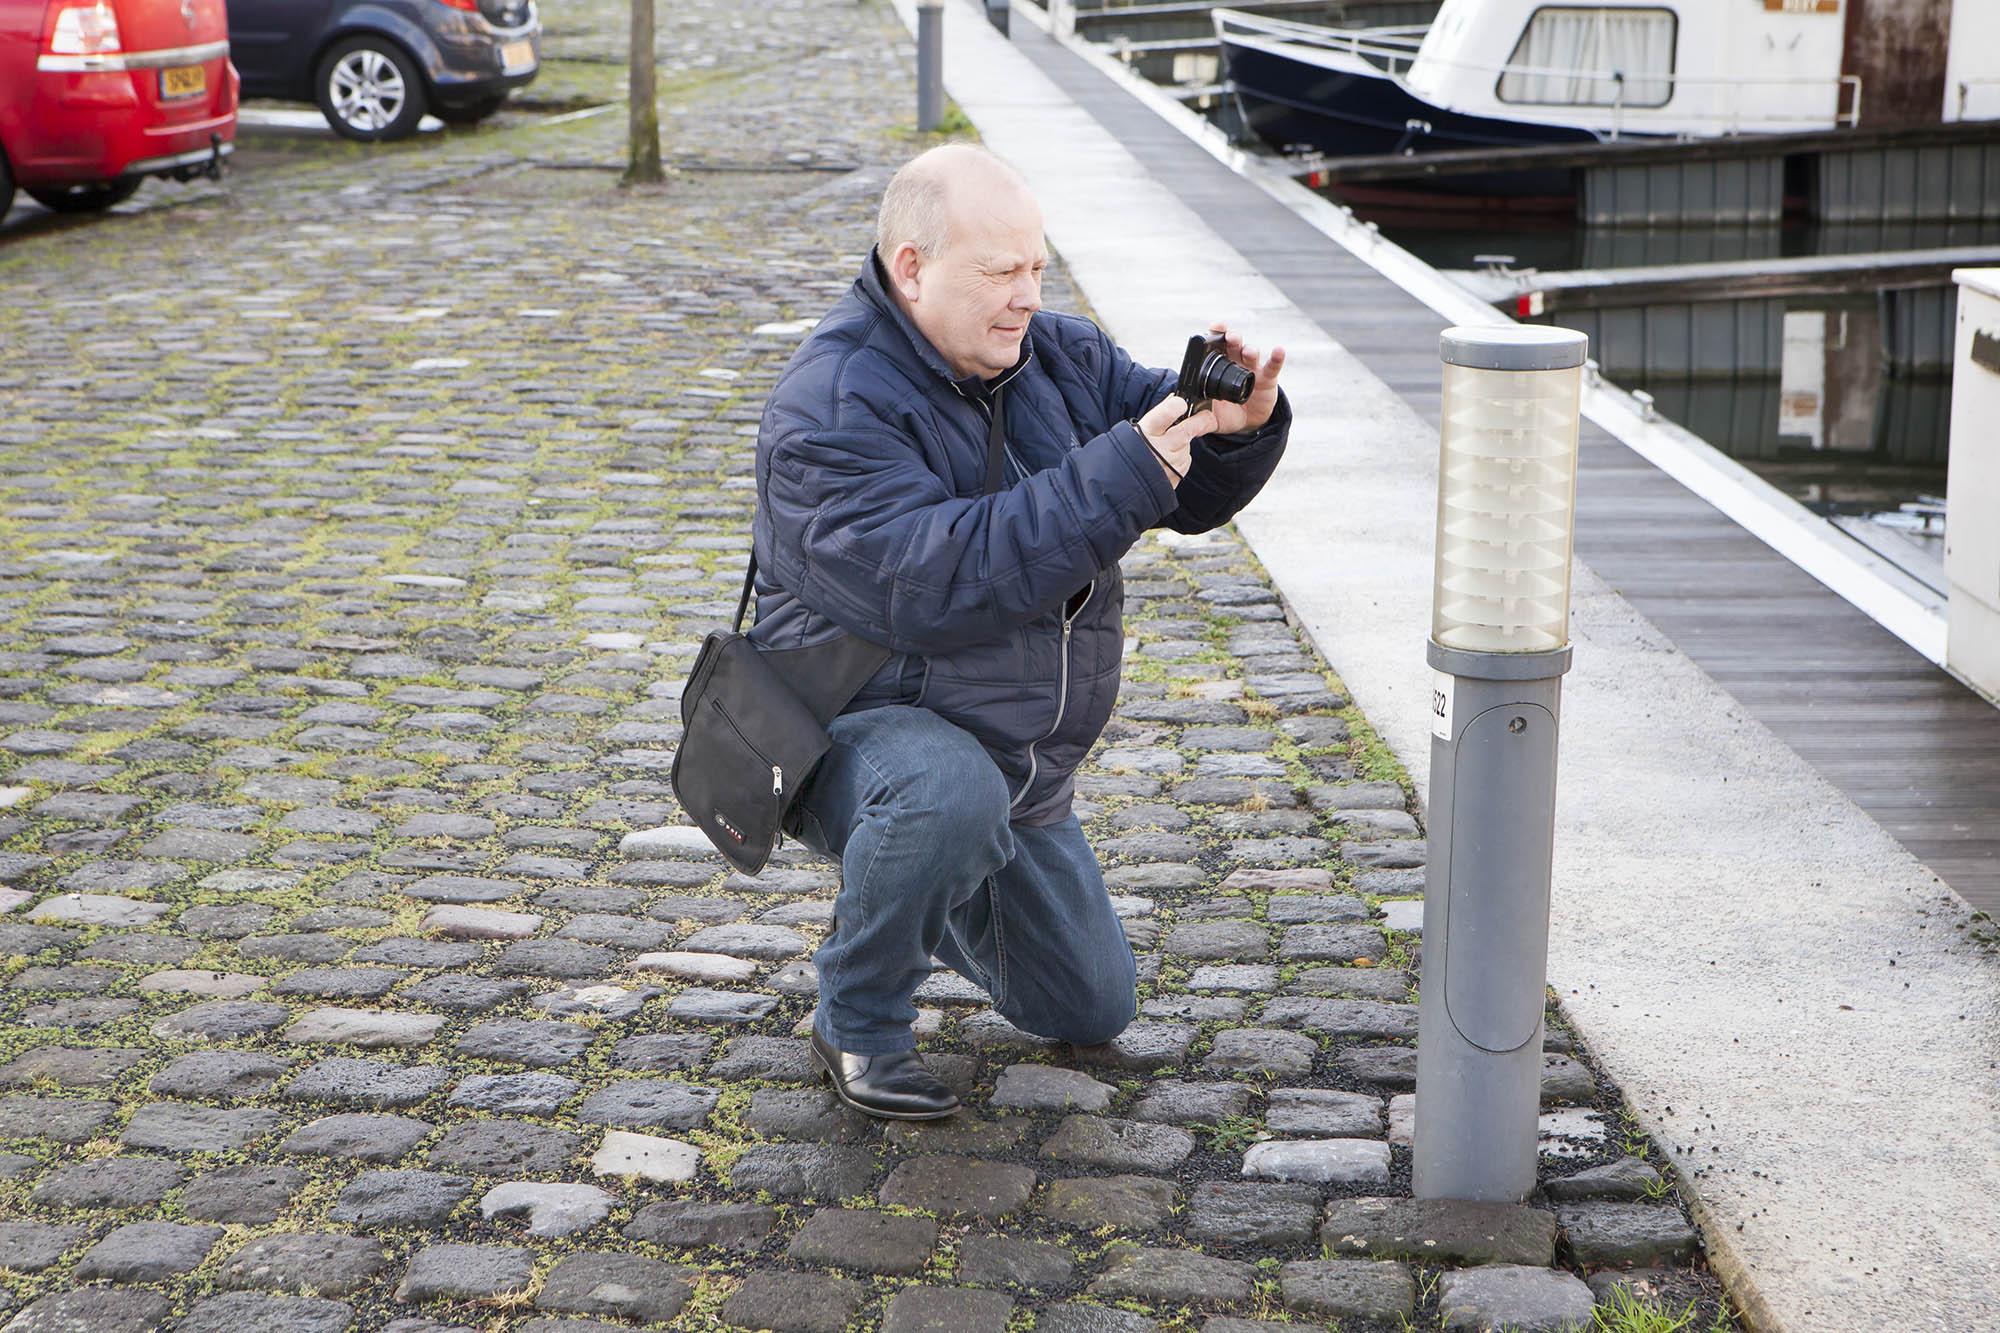 """Reinier in actie tijdens de workshop van 16 december 2017. """"Was leerzaam, bedankt Maarten en succes met fotograferen!"""""""